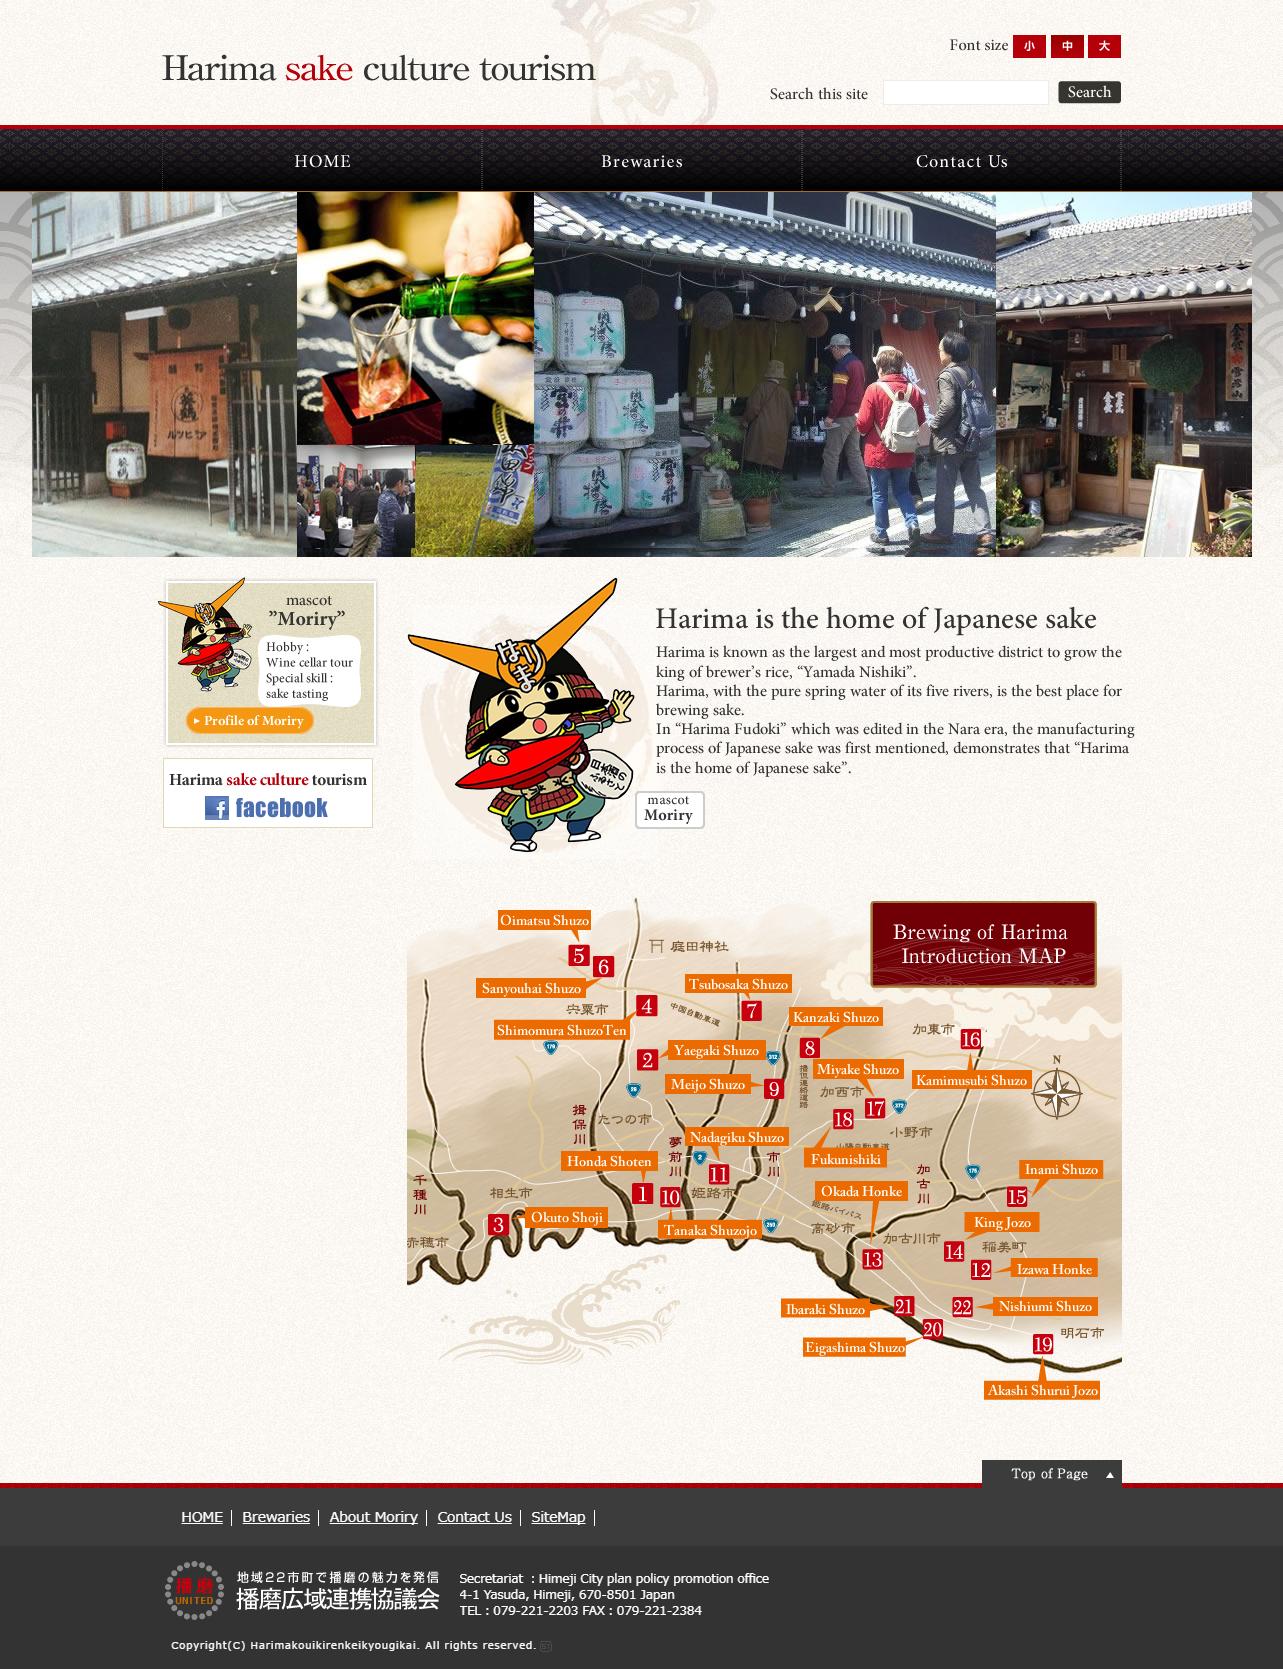 播磨広域連携協議会 はりま酒文化ツーリズム 英語サイト1